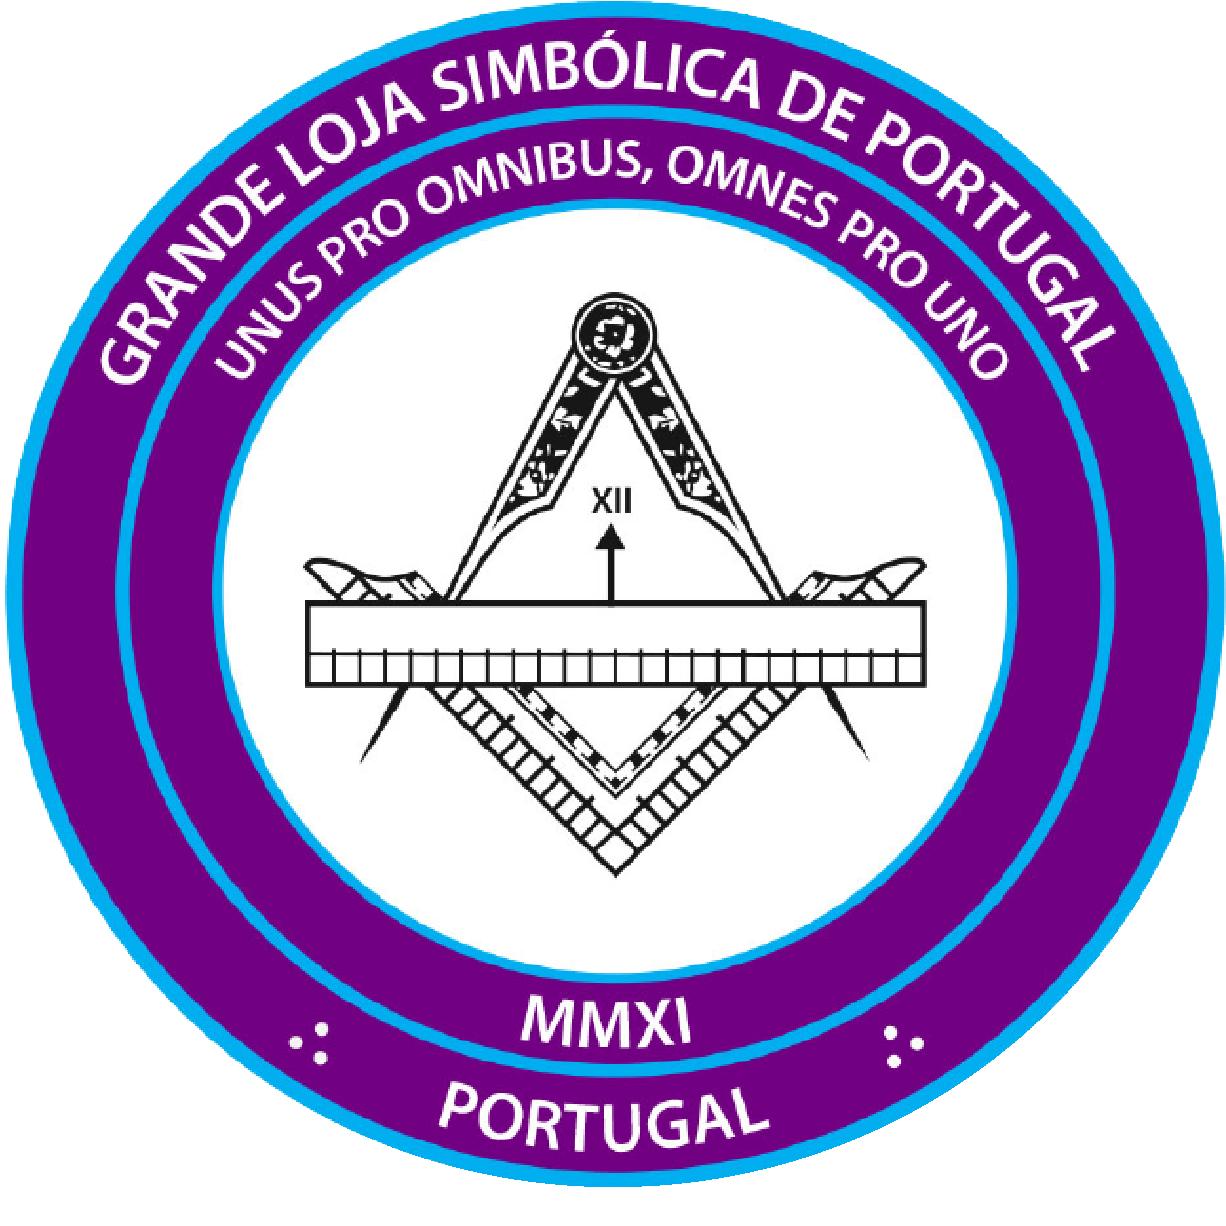 Maçonaria - Grande Loja Simbólica de Portugal ∴ Maçonaria Portuguesa